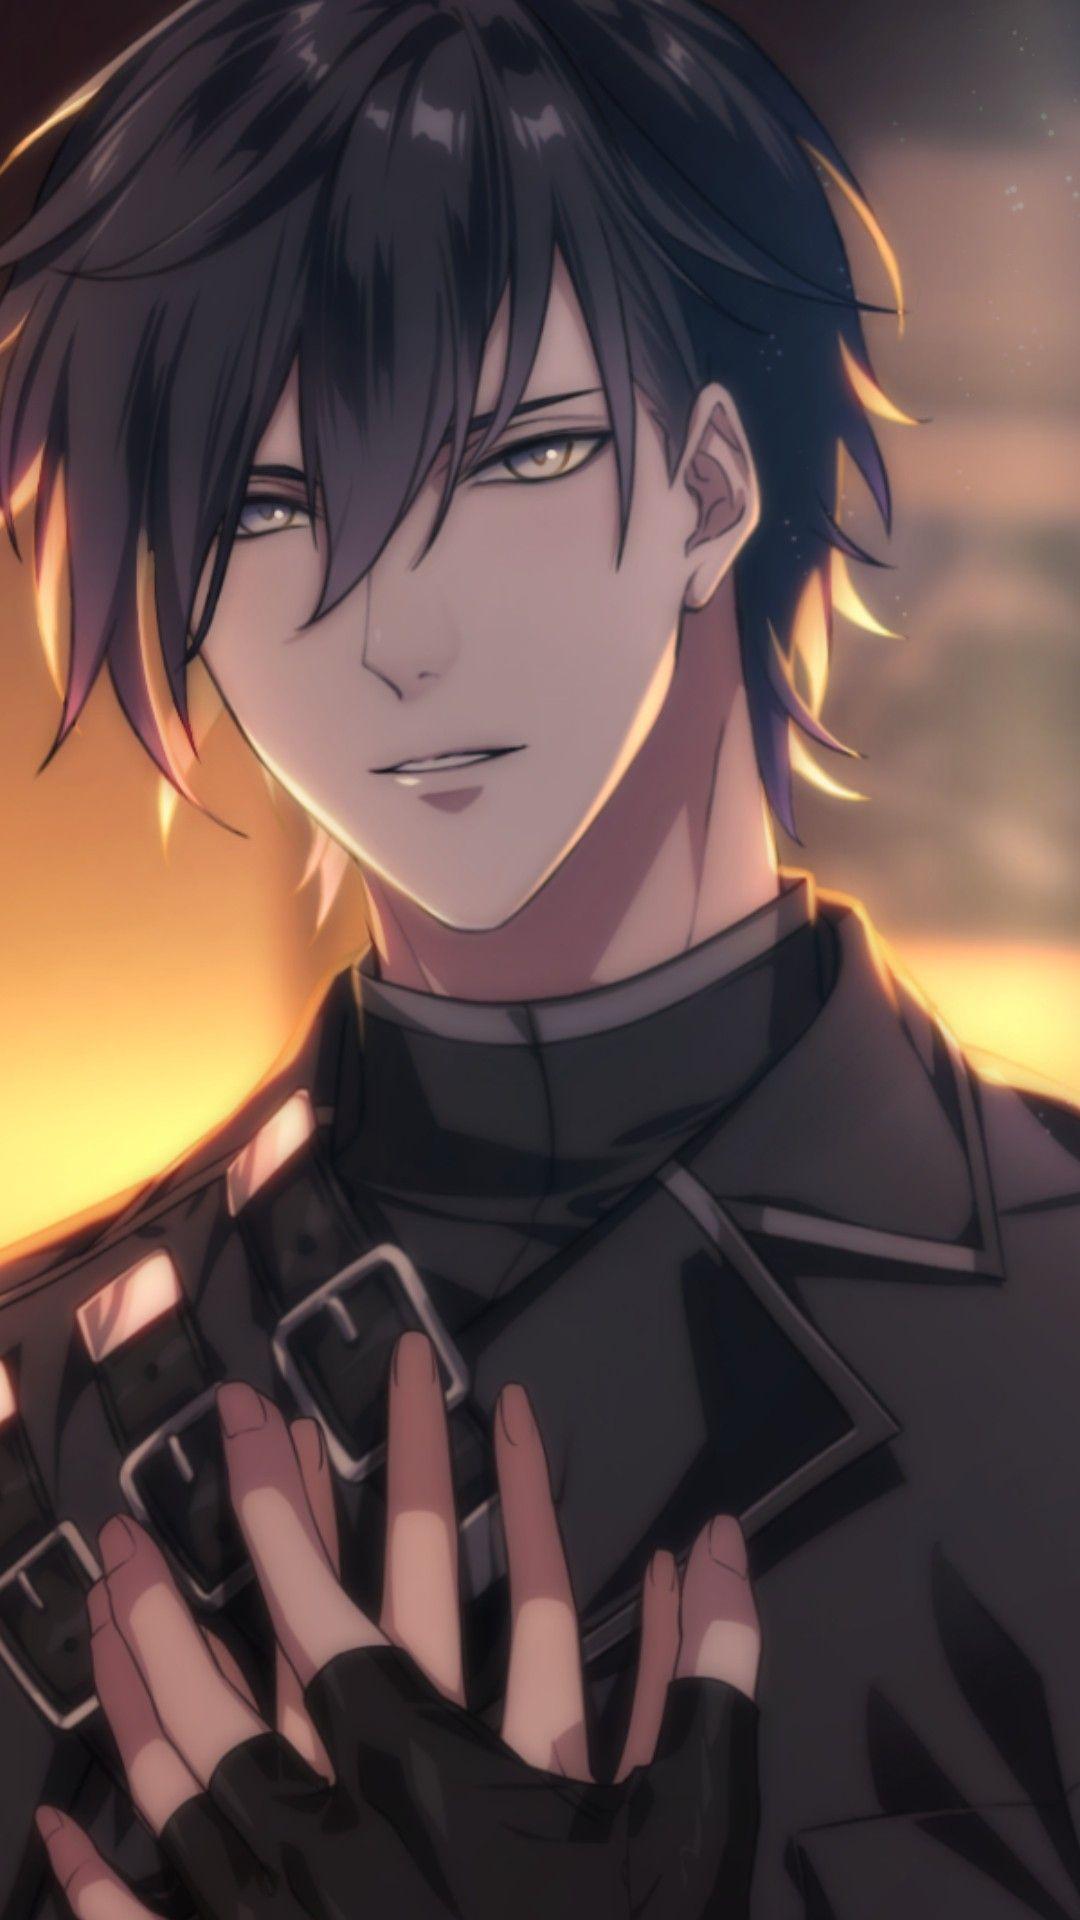 Luchino (Immortal Heart) Black hair anime guy, Cute